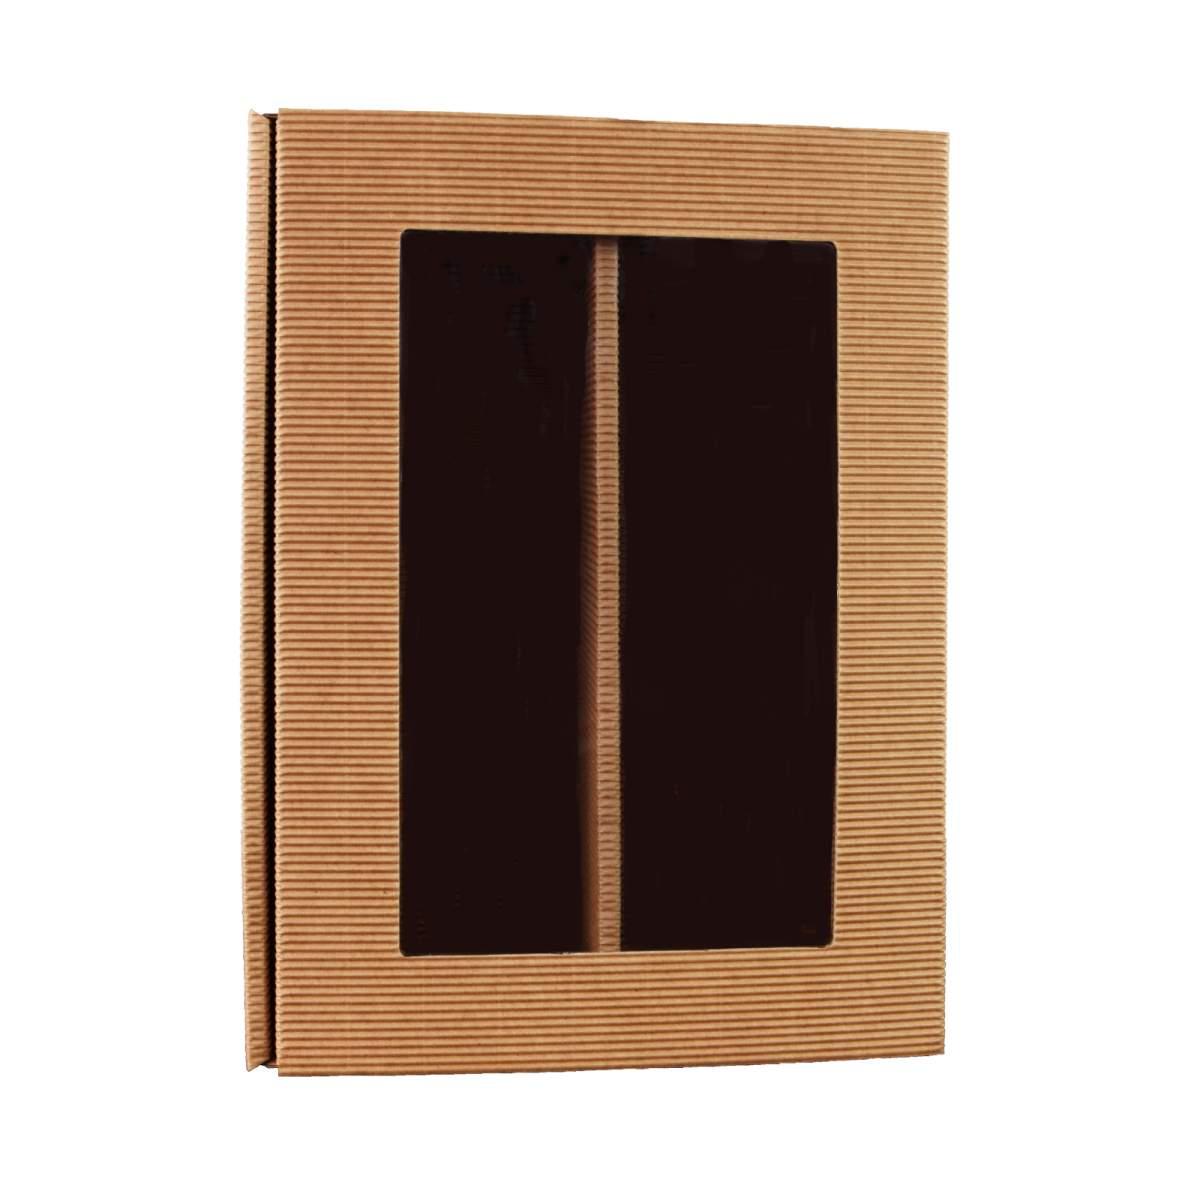 Geschenkbox-L-mit-Fenster-u-Einlage_braun_6480_1600px